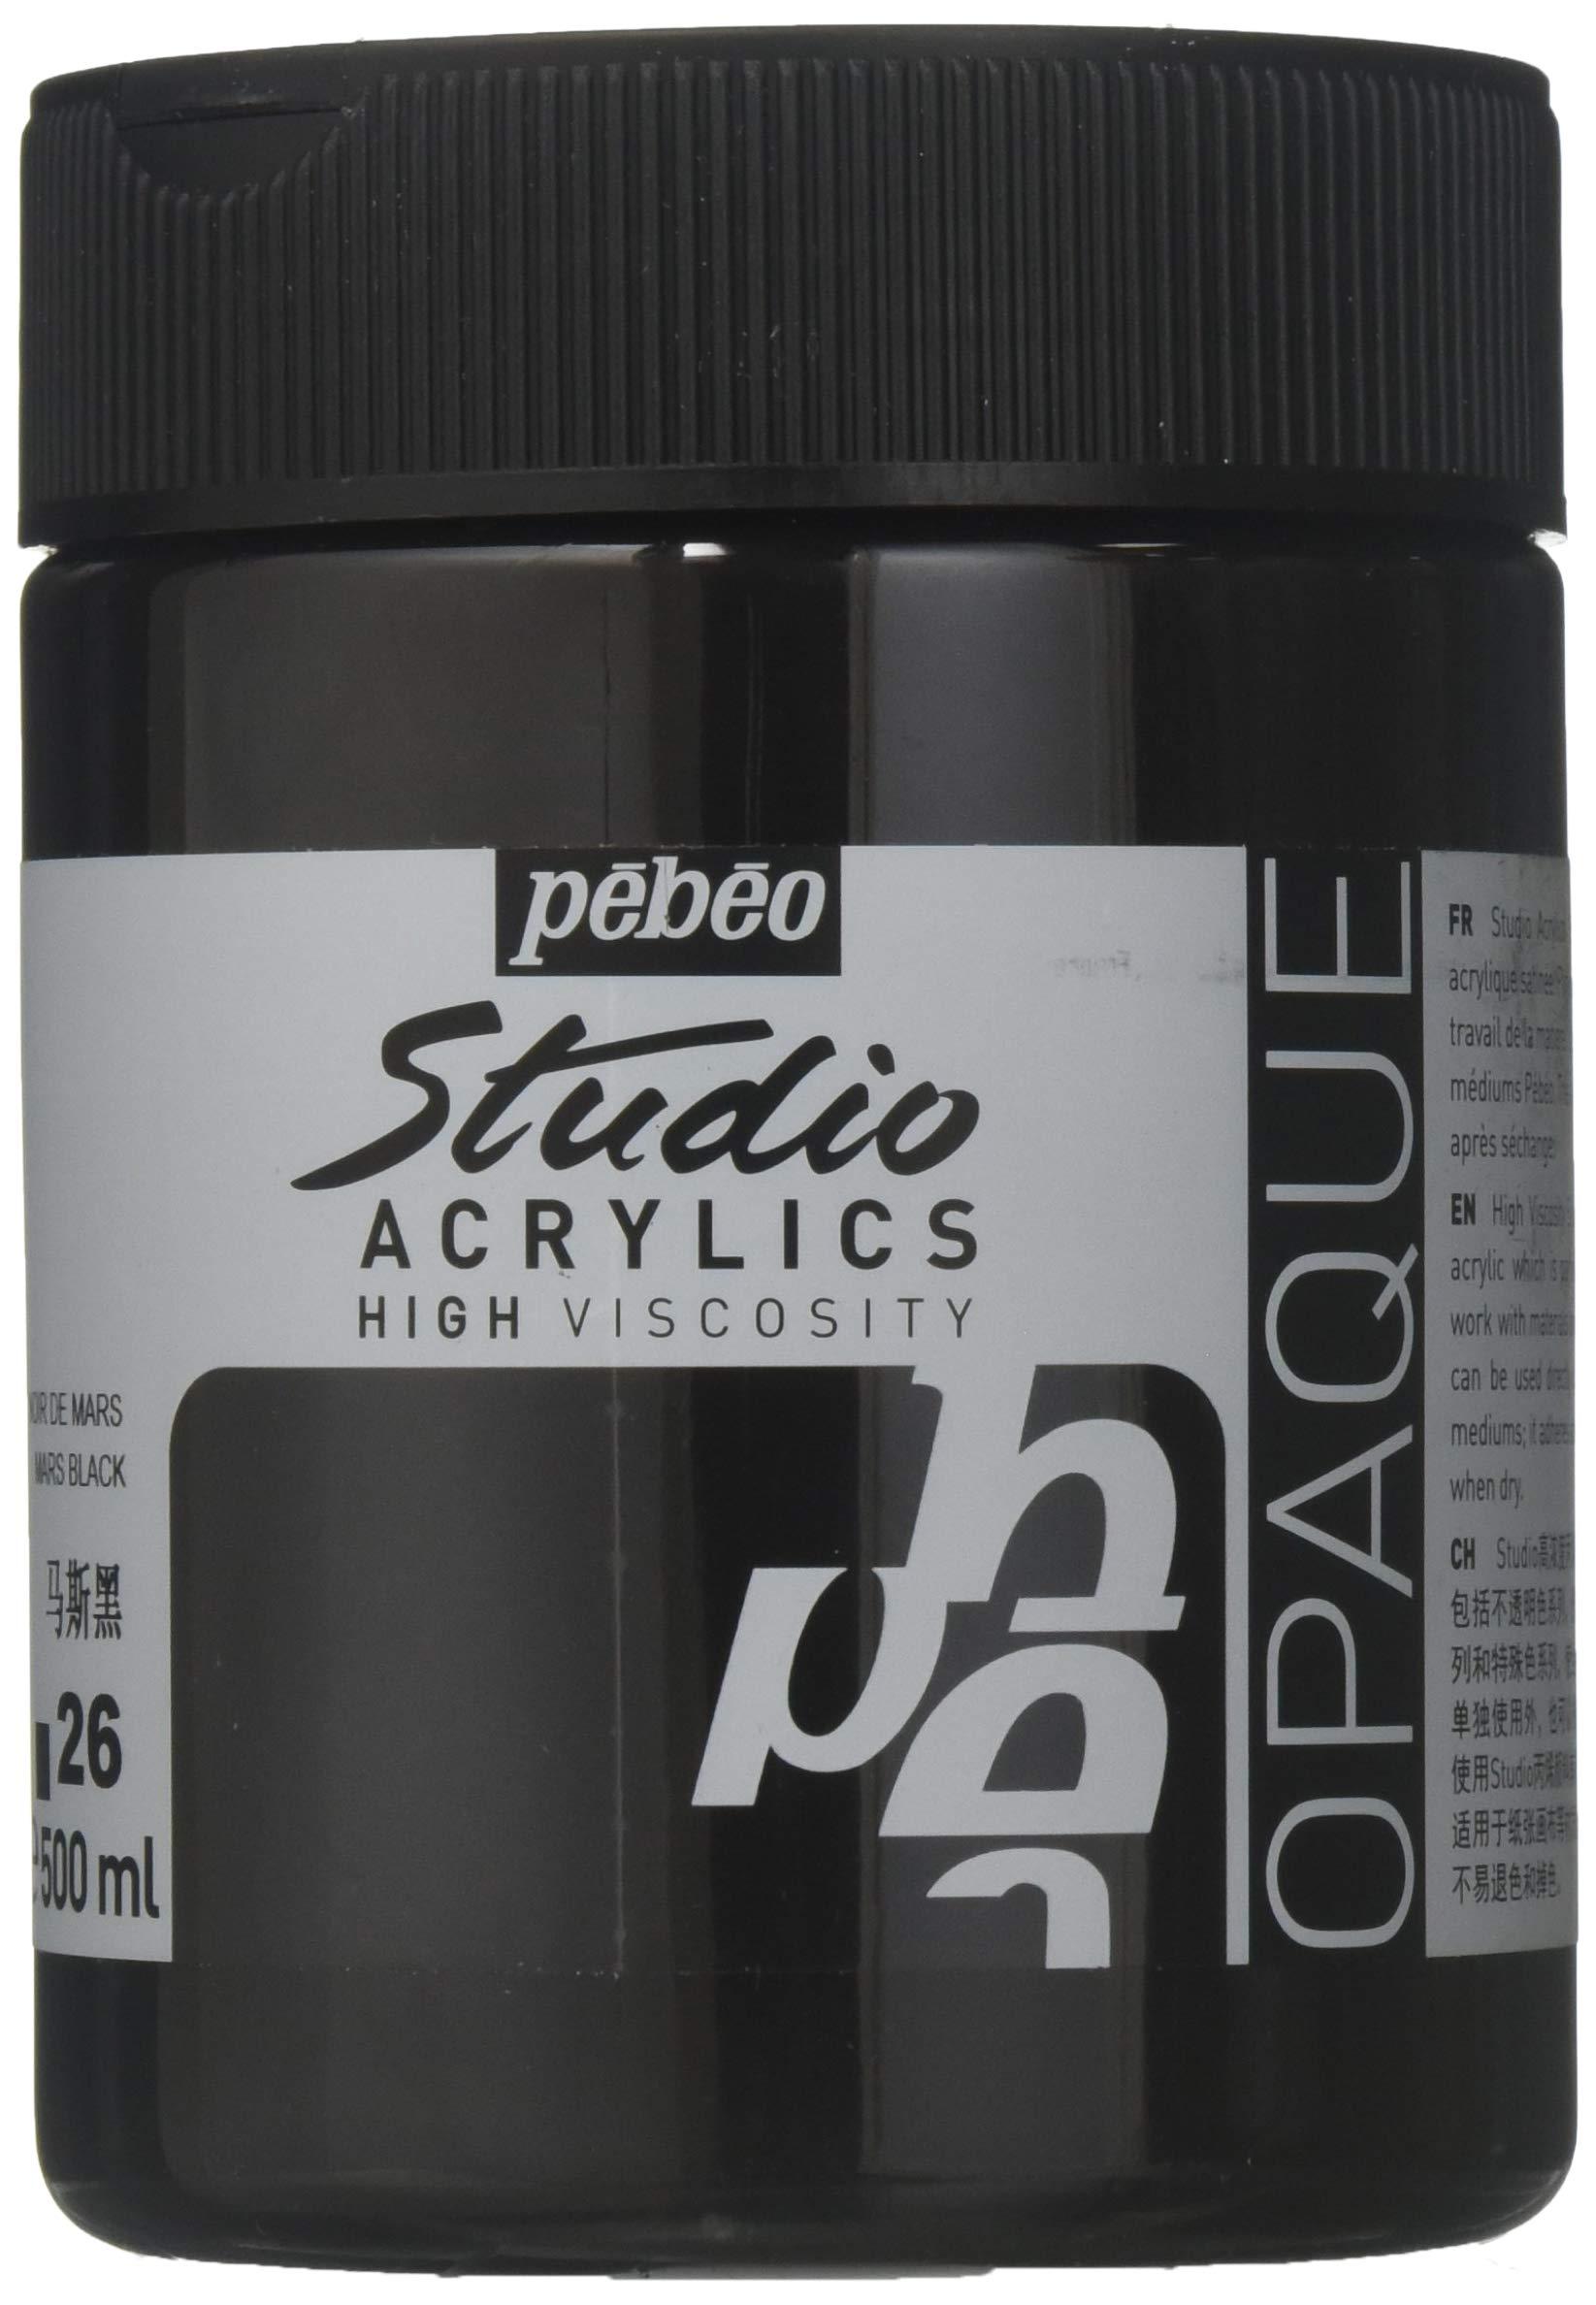 PEBEO Studio 500ml Acrylic Paint, Mars Black, 500 ml Jars, 17 Fl Oz